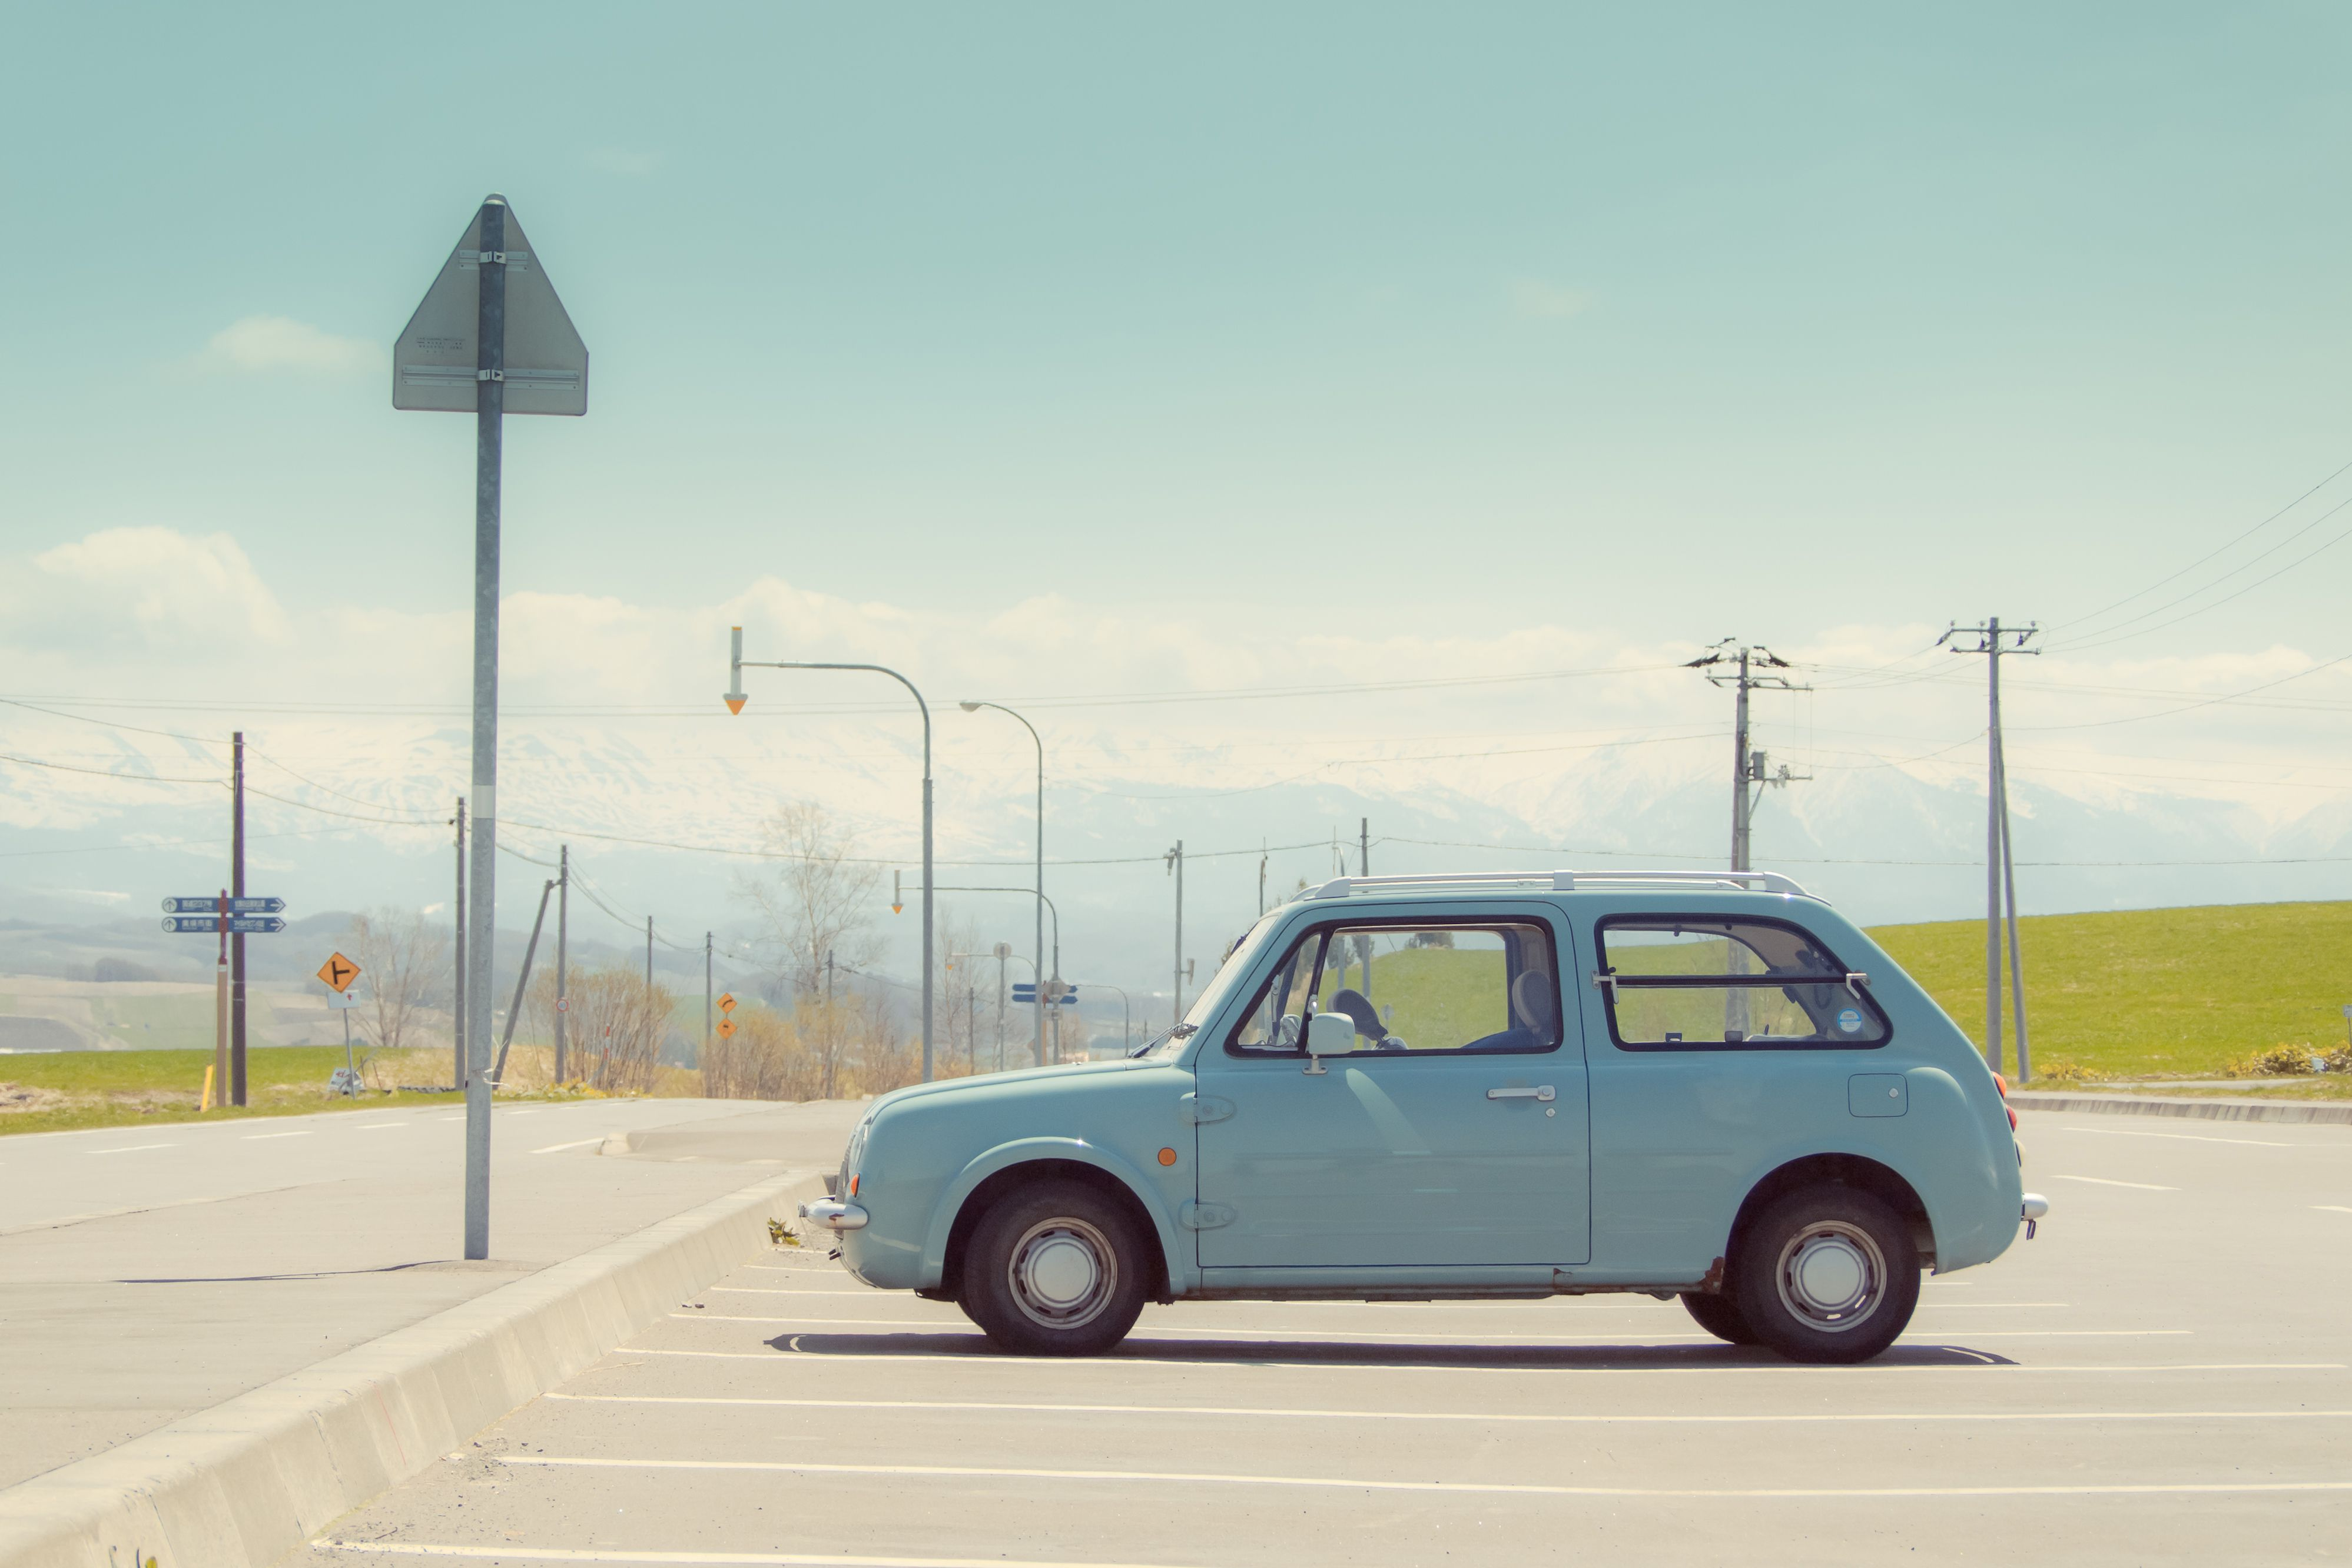 Aqua color car in parking lot